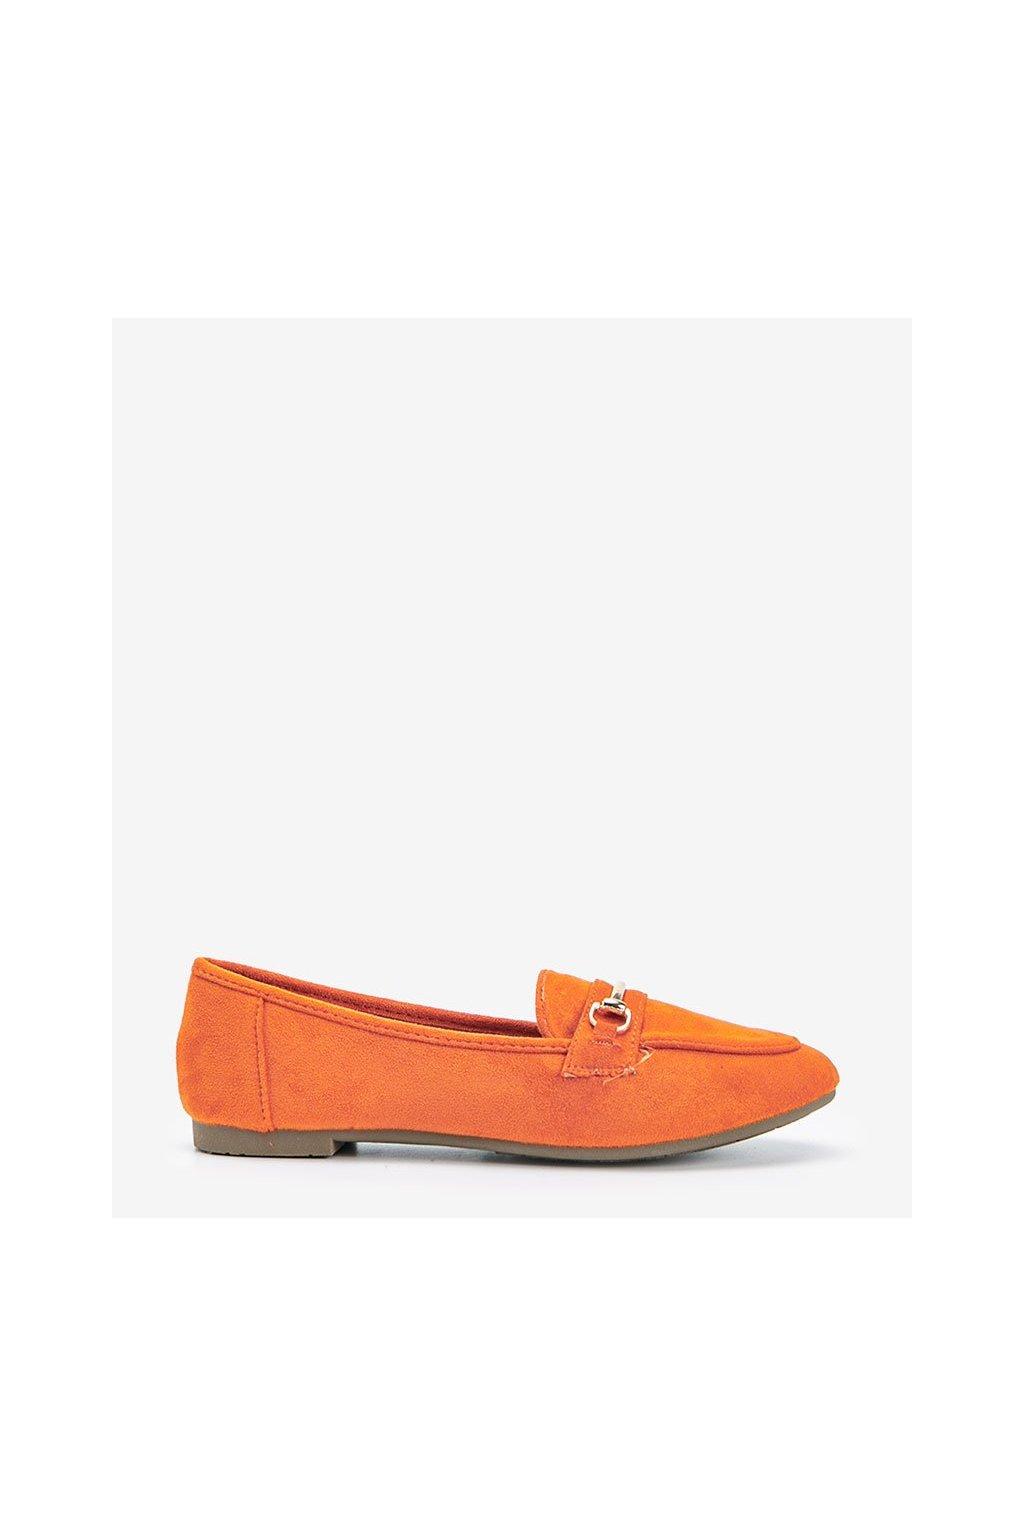 Dámske topánky mokasíny oranžové kód 88-385 - GM